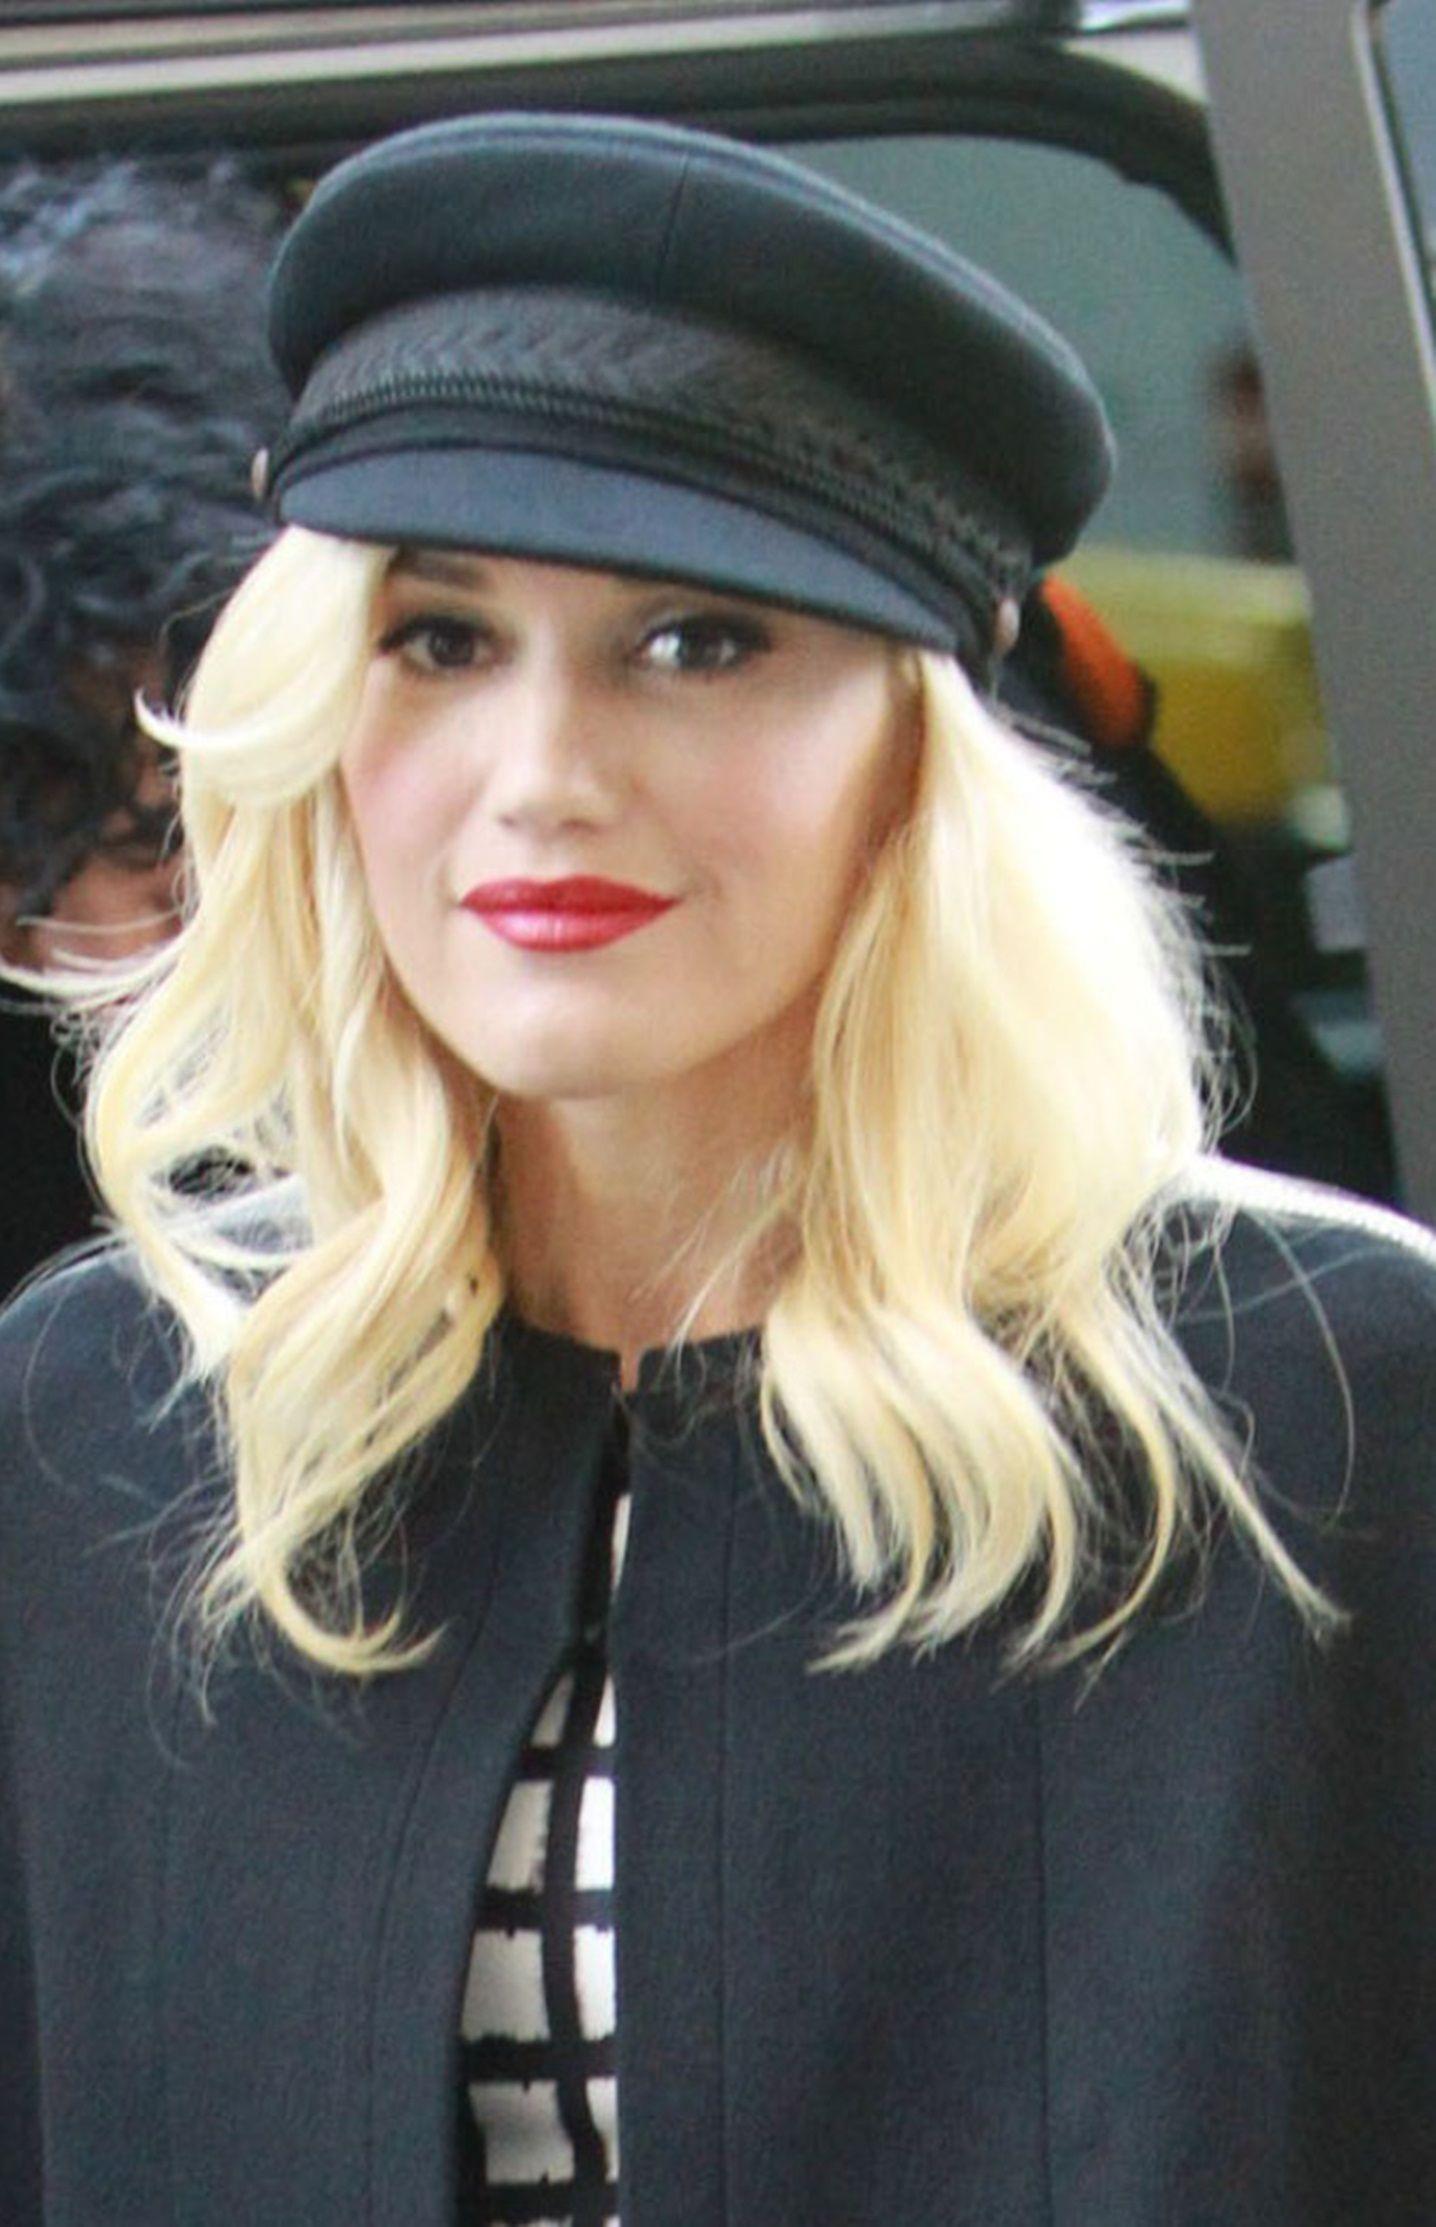 Gwen Stefani The Hat Carrie En Philip Treacy